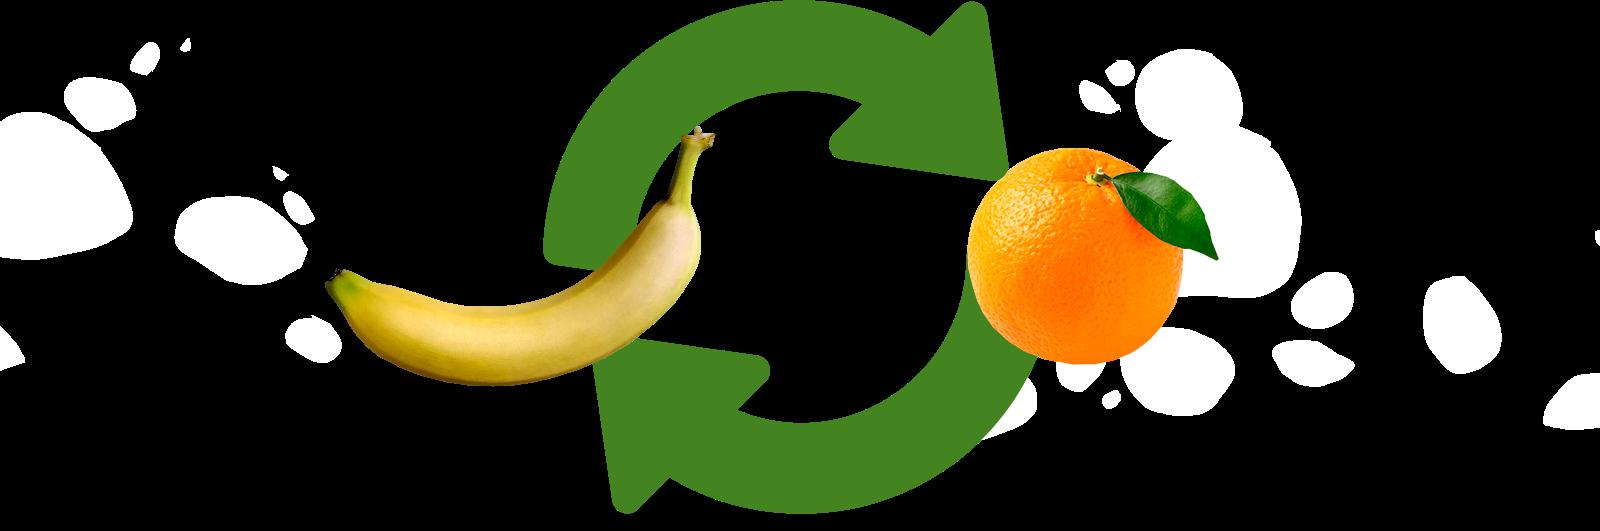 1 Banana = 1 Naranja